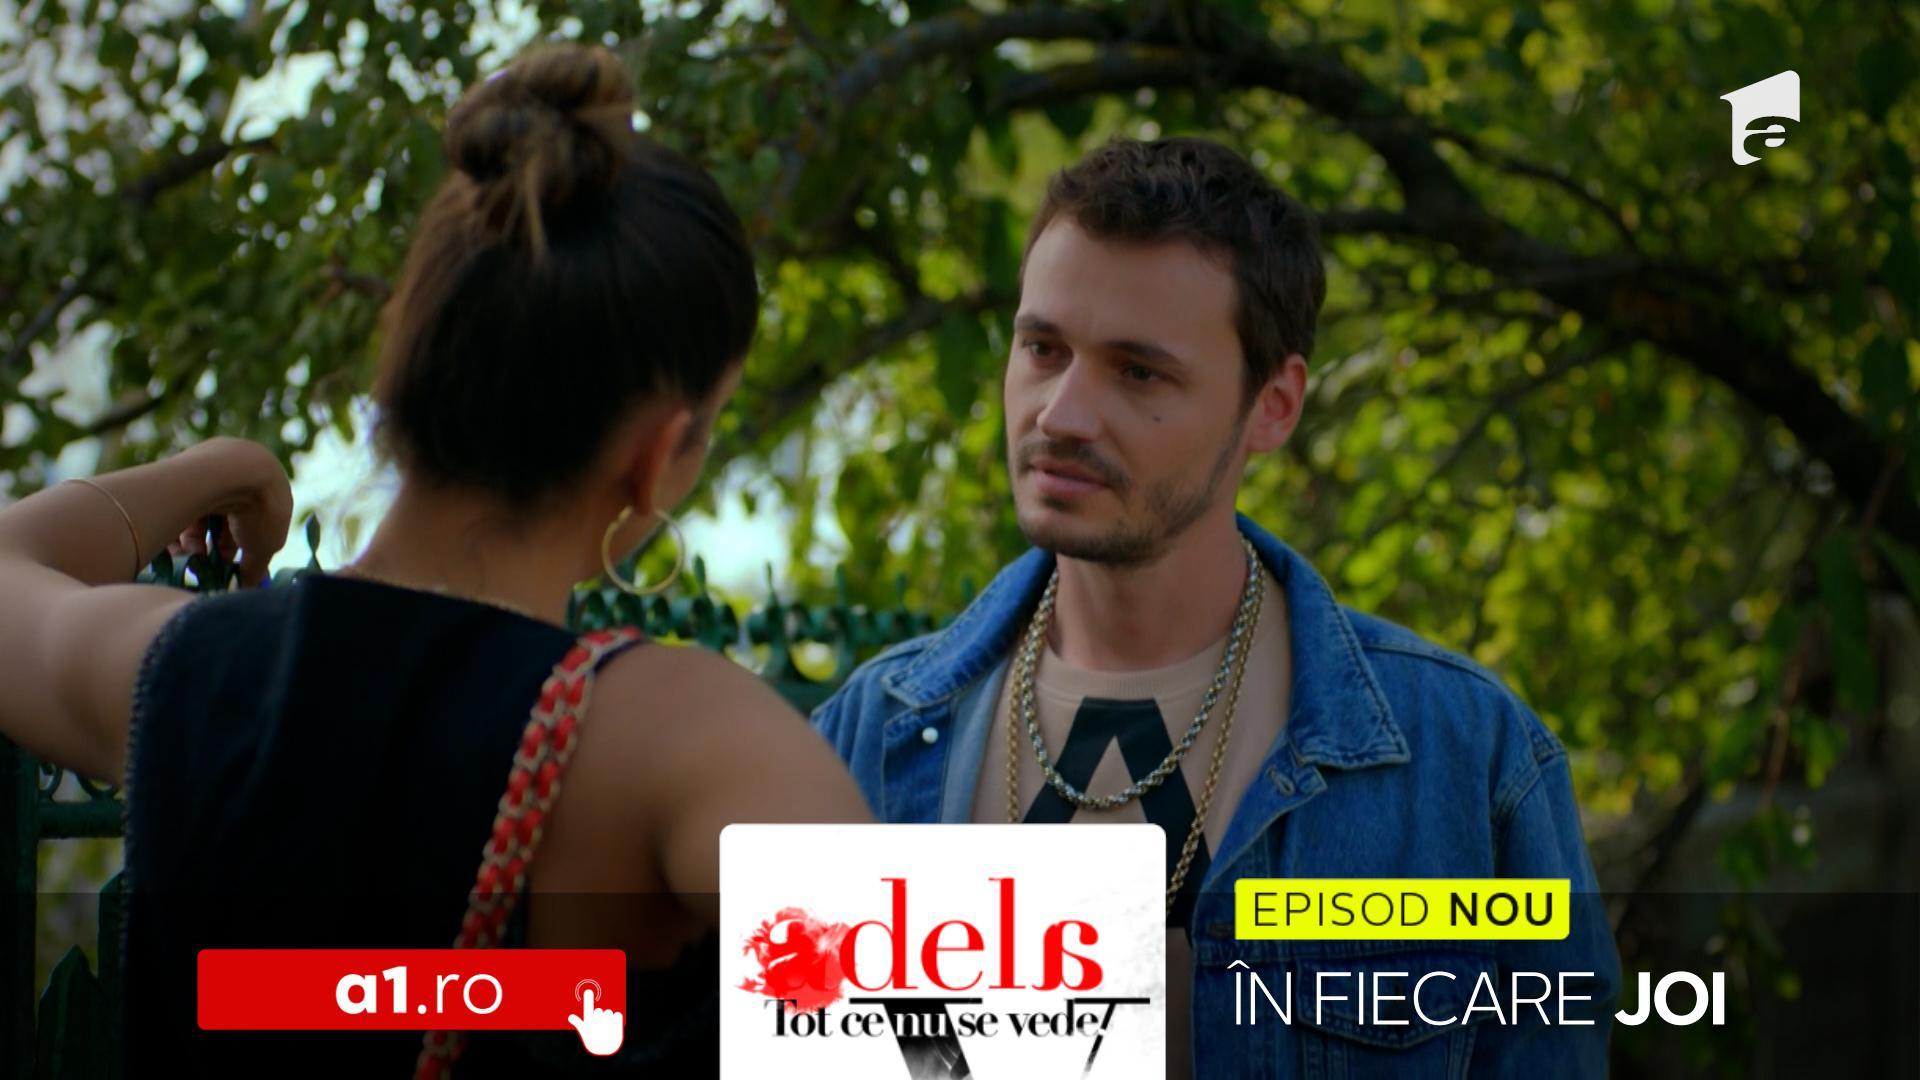 Cristina Ciobănașu și Vlad Gherman îți prezintă Adela – Tot ce nu se vede, episodul 11. Hai să-i descoperi pe Adi și Florica